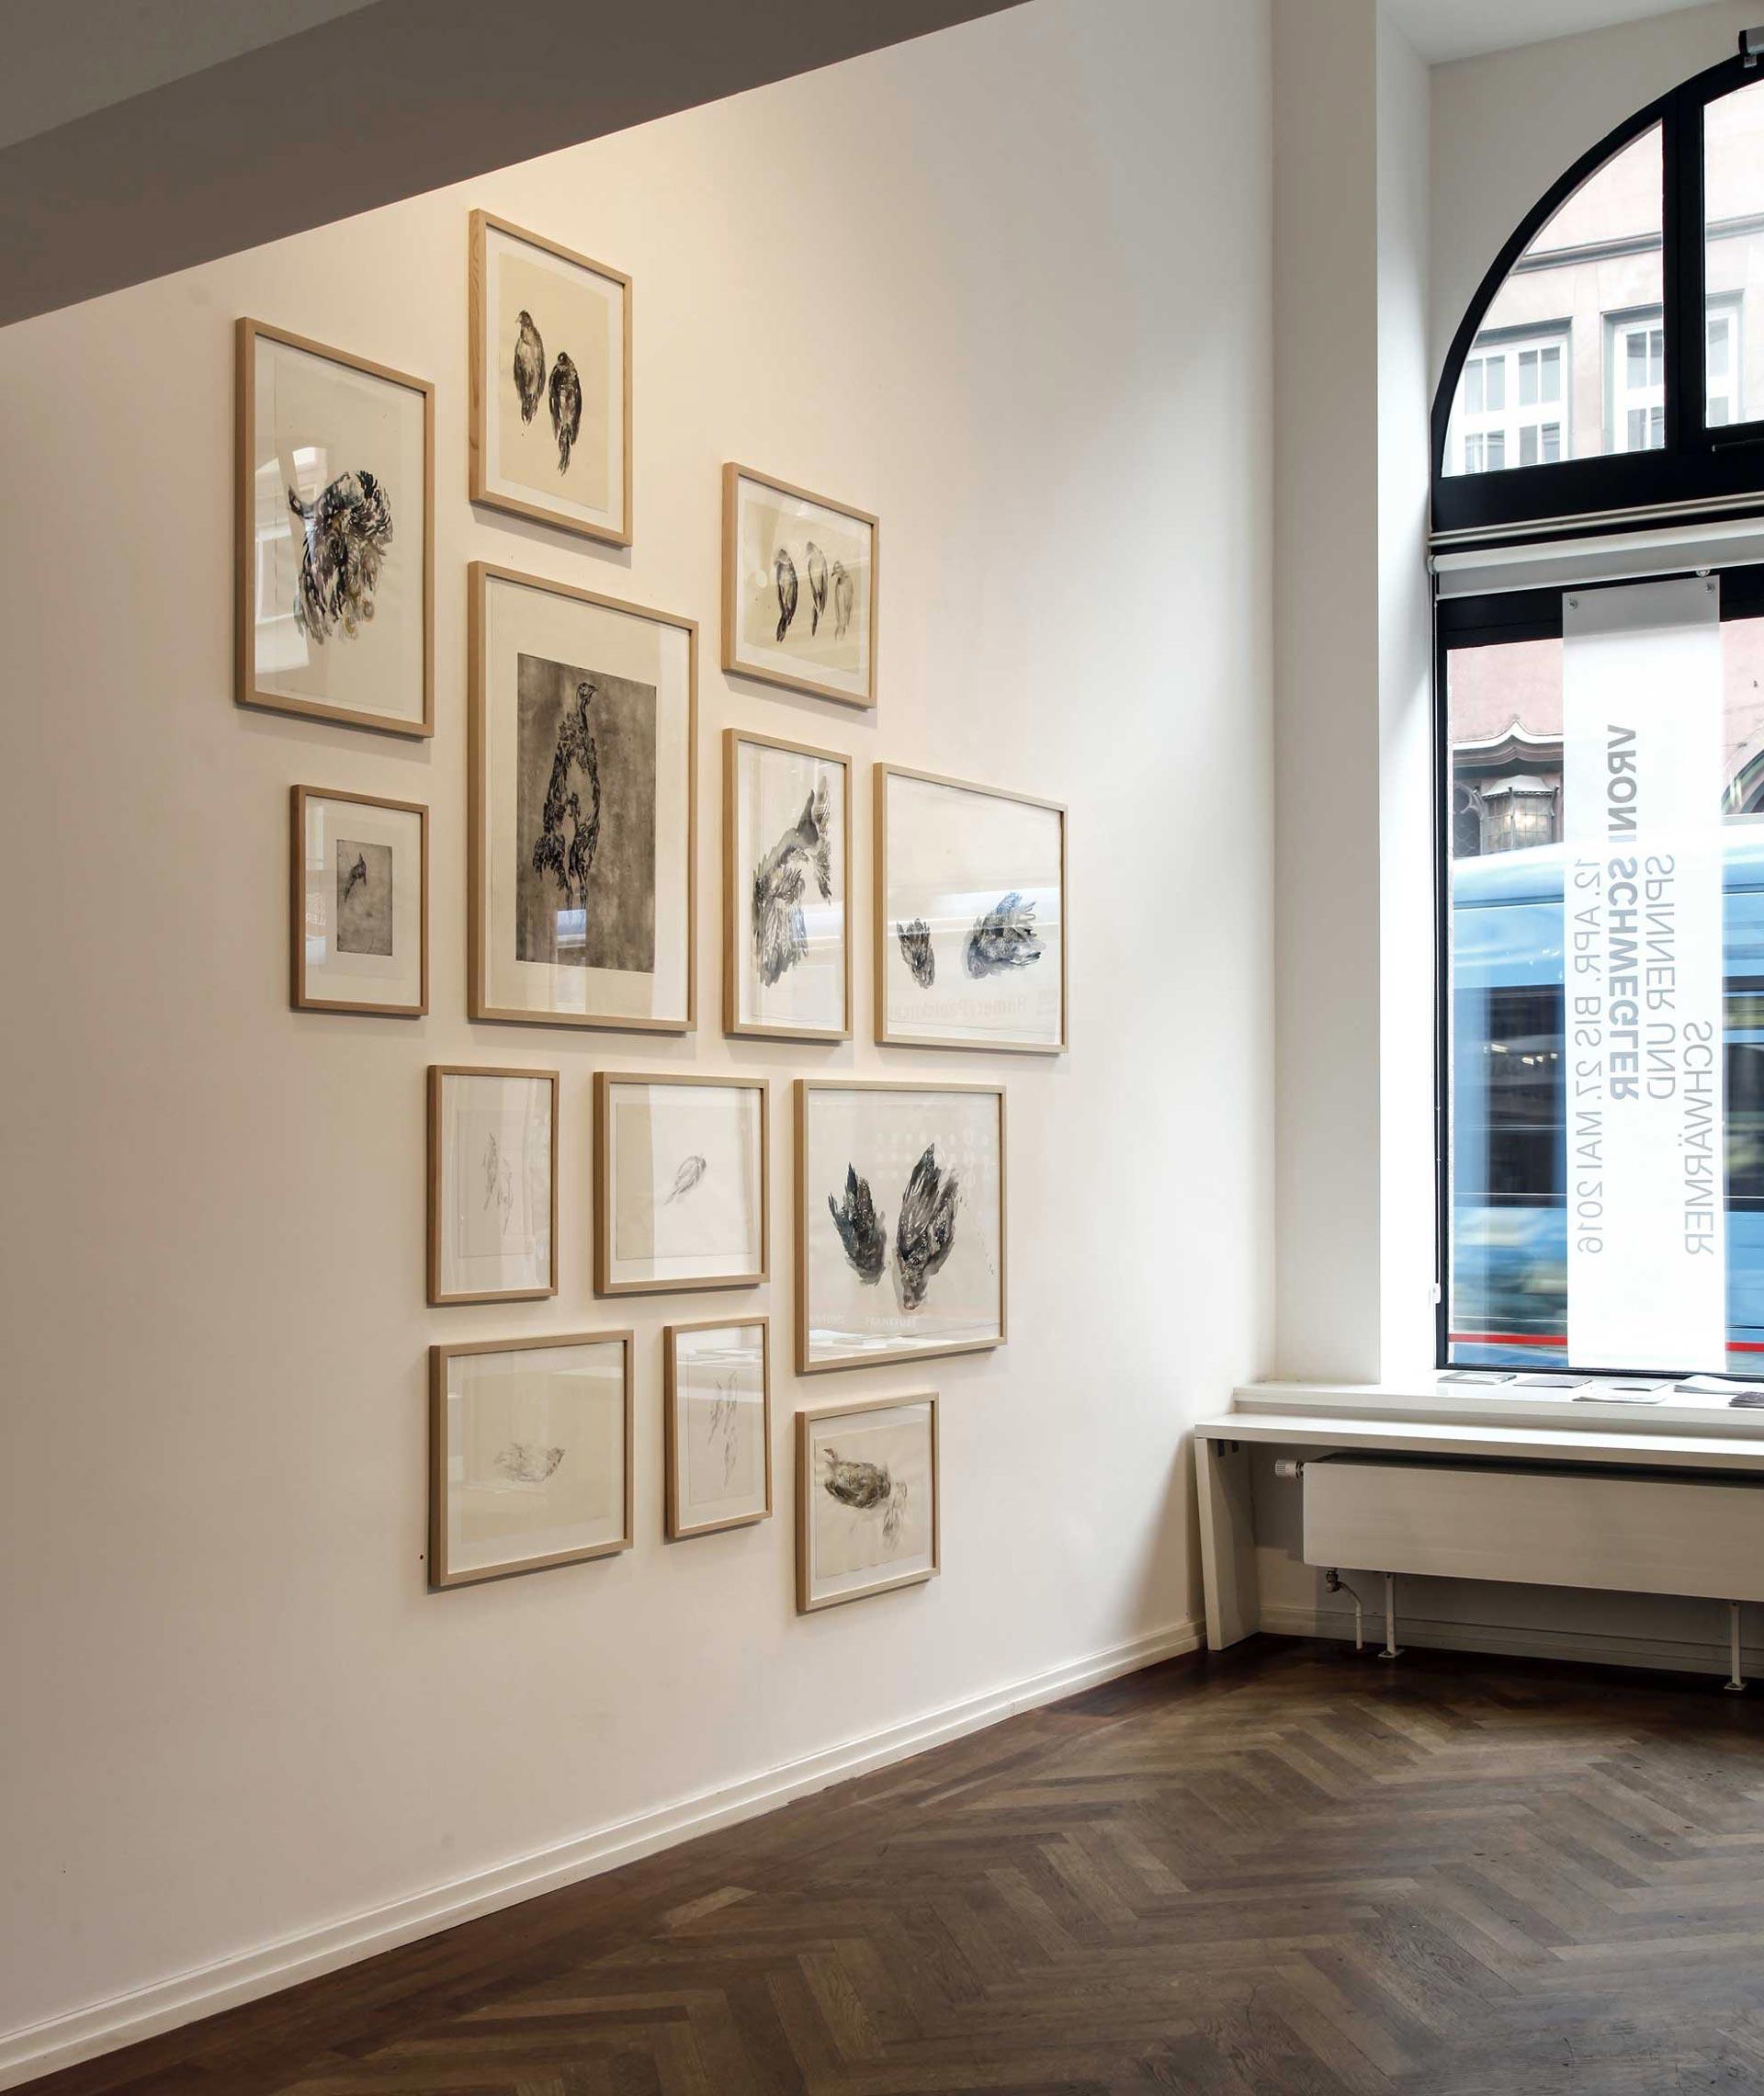 Spinner und Schwärmer, 2016, Heussenstamm Galerie Frankfurt am Main (Ausstellungsansicht)